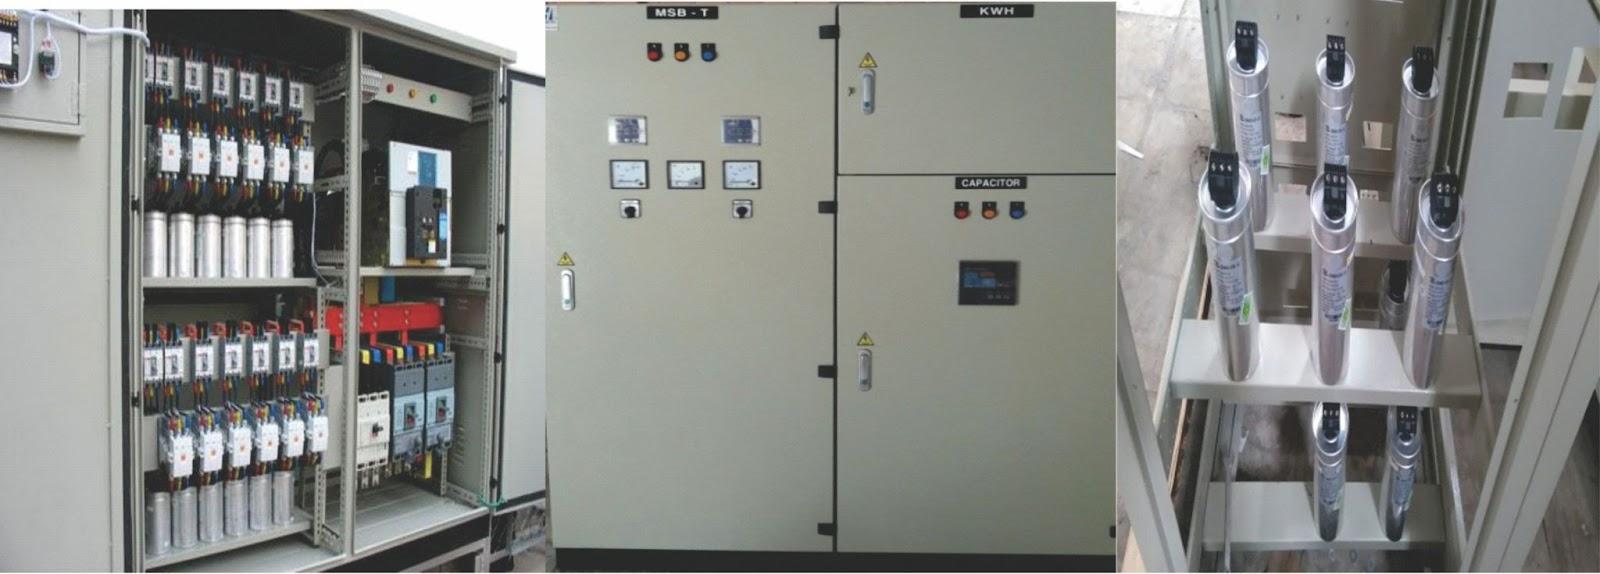 Cách lắp đặt tụ bù tiết kiệm điện